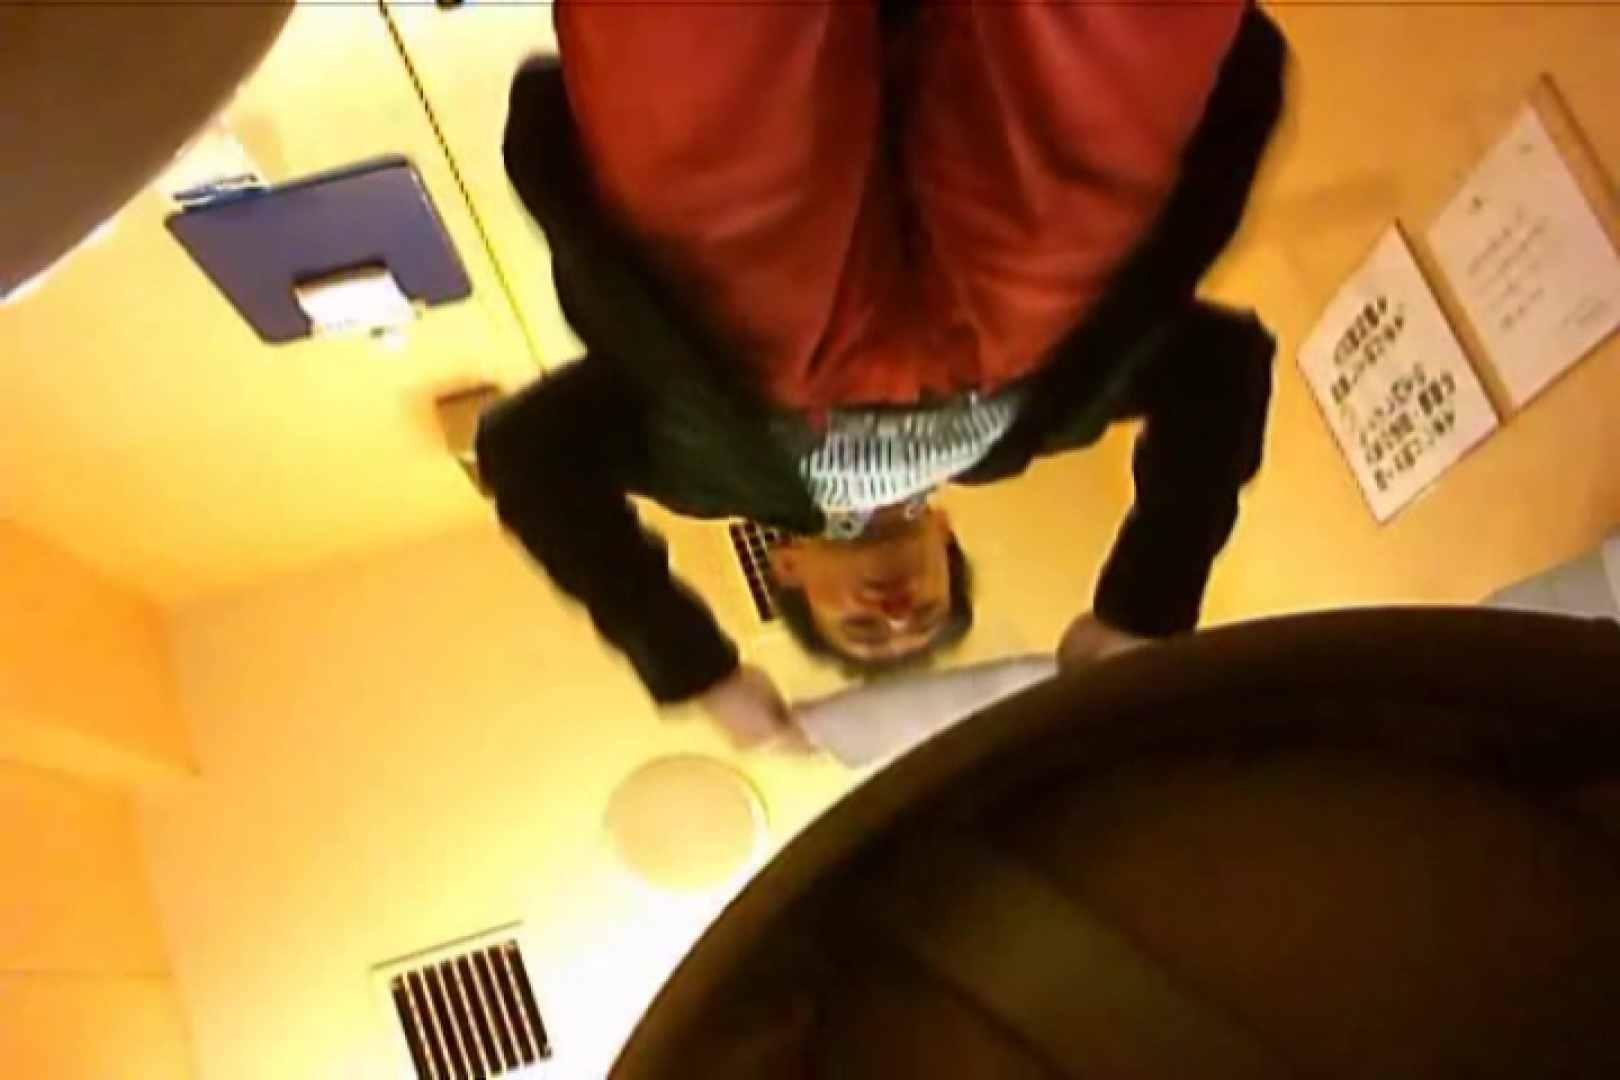 SEASON 2ND!掴み取りさんの洗面所覗き!in新幹線!VOL.04 完全無修正でお届け   ノンケボーイズ  64pic 34